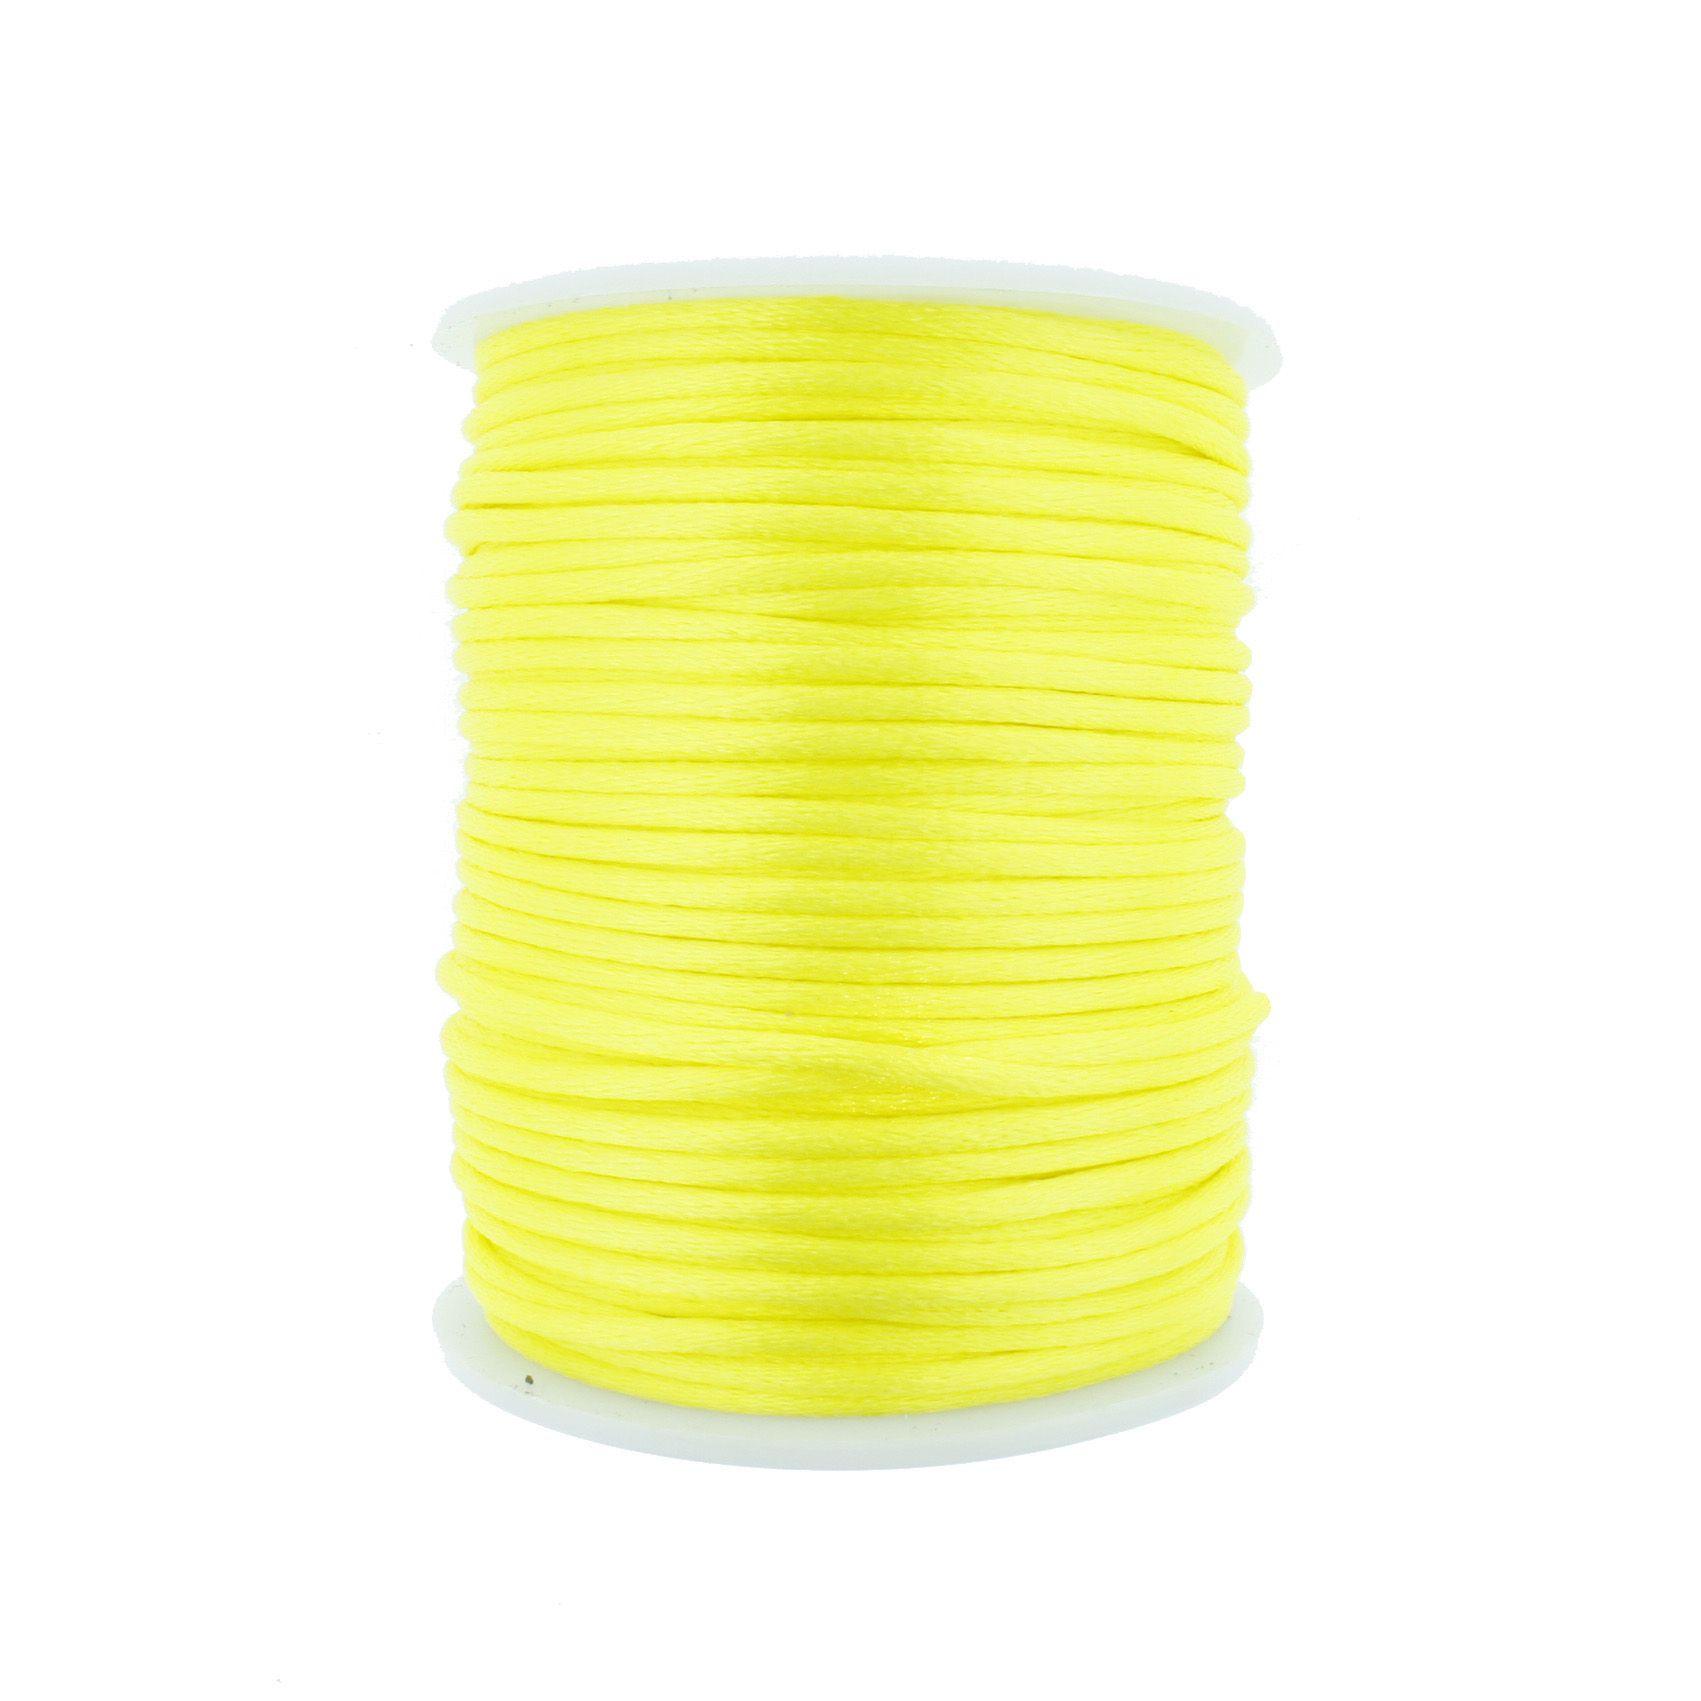 Cordão de Seda - Amarelo - 2mm  - Stéphanie Bijoux® - Peças para Bijuterias e Artesanato